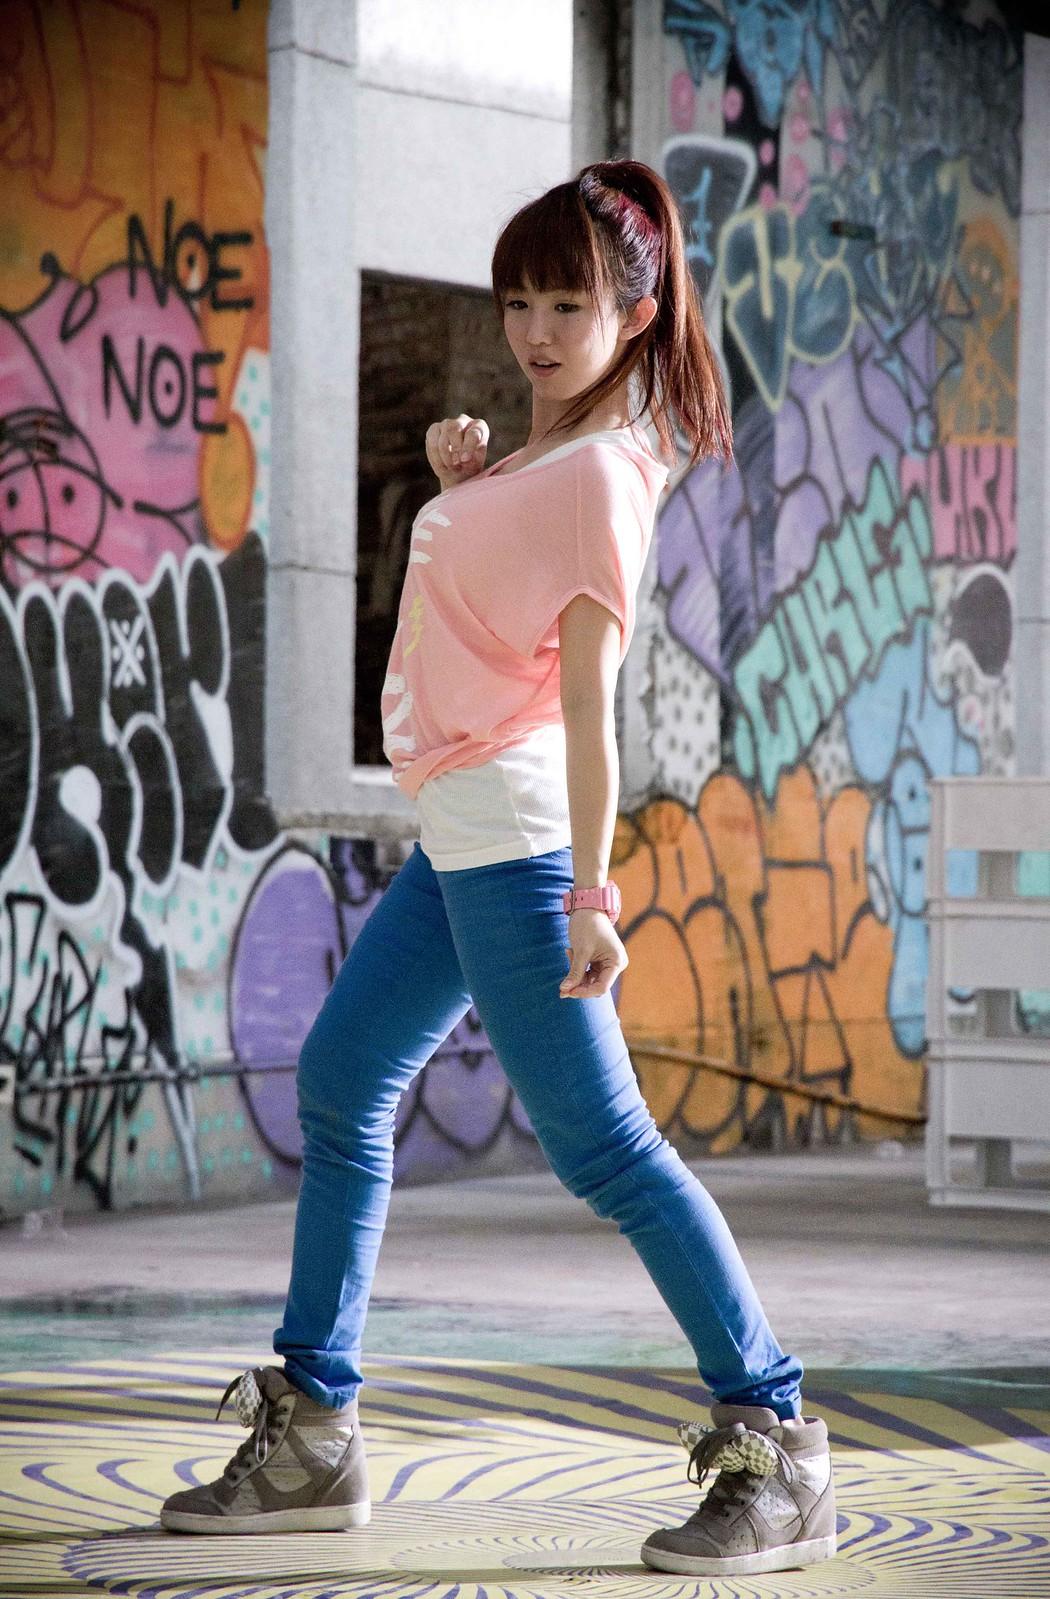 郭書瑤在《舞鬥》中 再度扮演高中生 首度在大銀幕上秀舞技-1